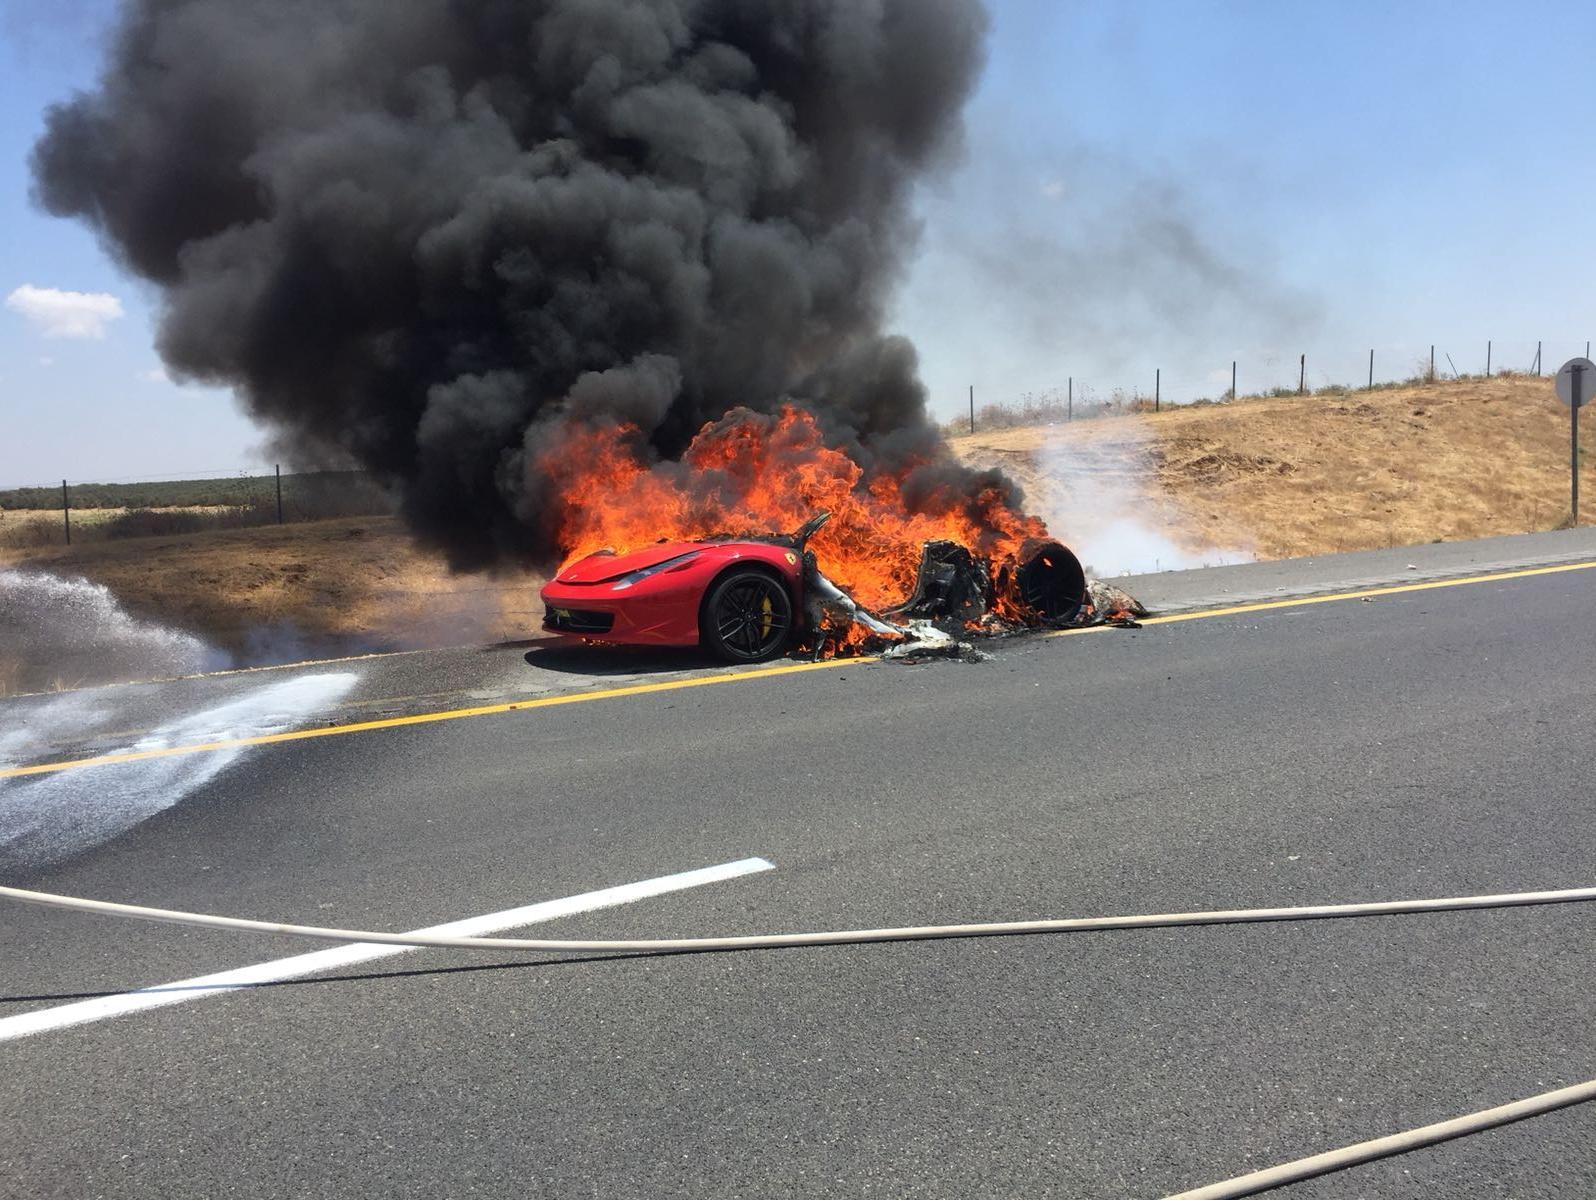 לא רק פרארי: האם המכונית שלכם בסכנת התלקחות?